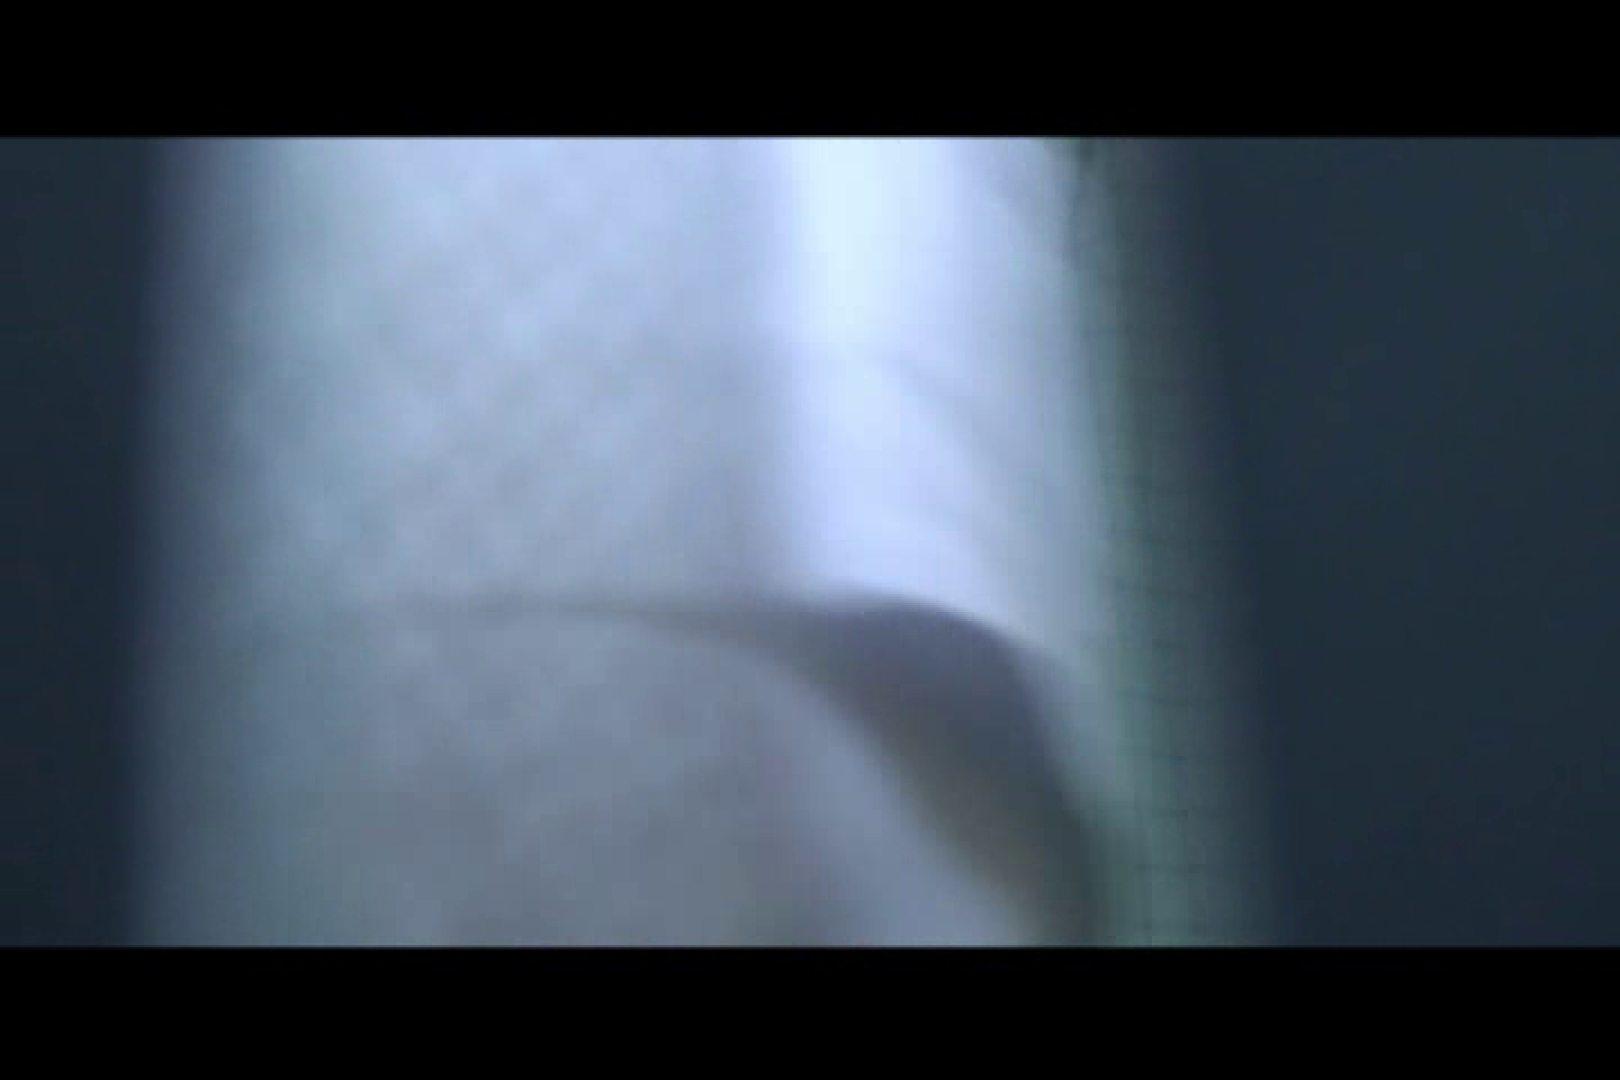 独占配信!無修正! 看護女子寮 vol.09 オマンコ見放題 アダルト動画キャプチャ 9枚 3